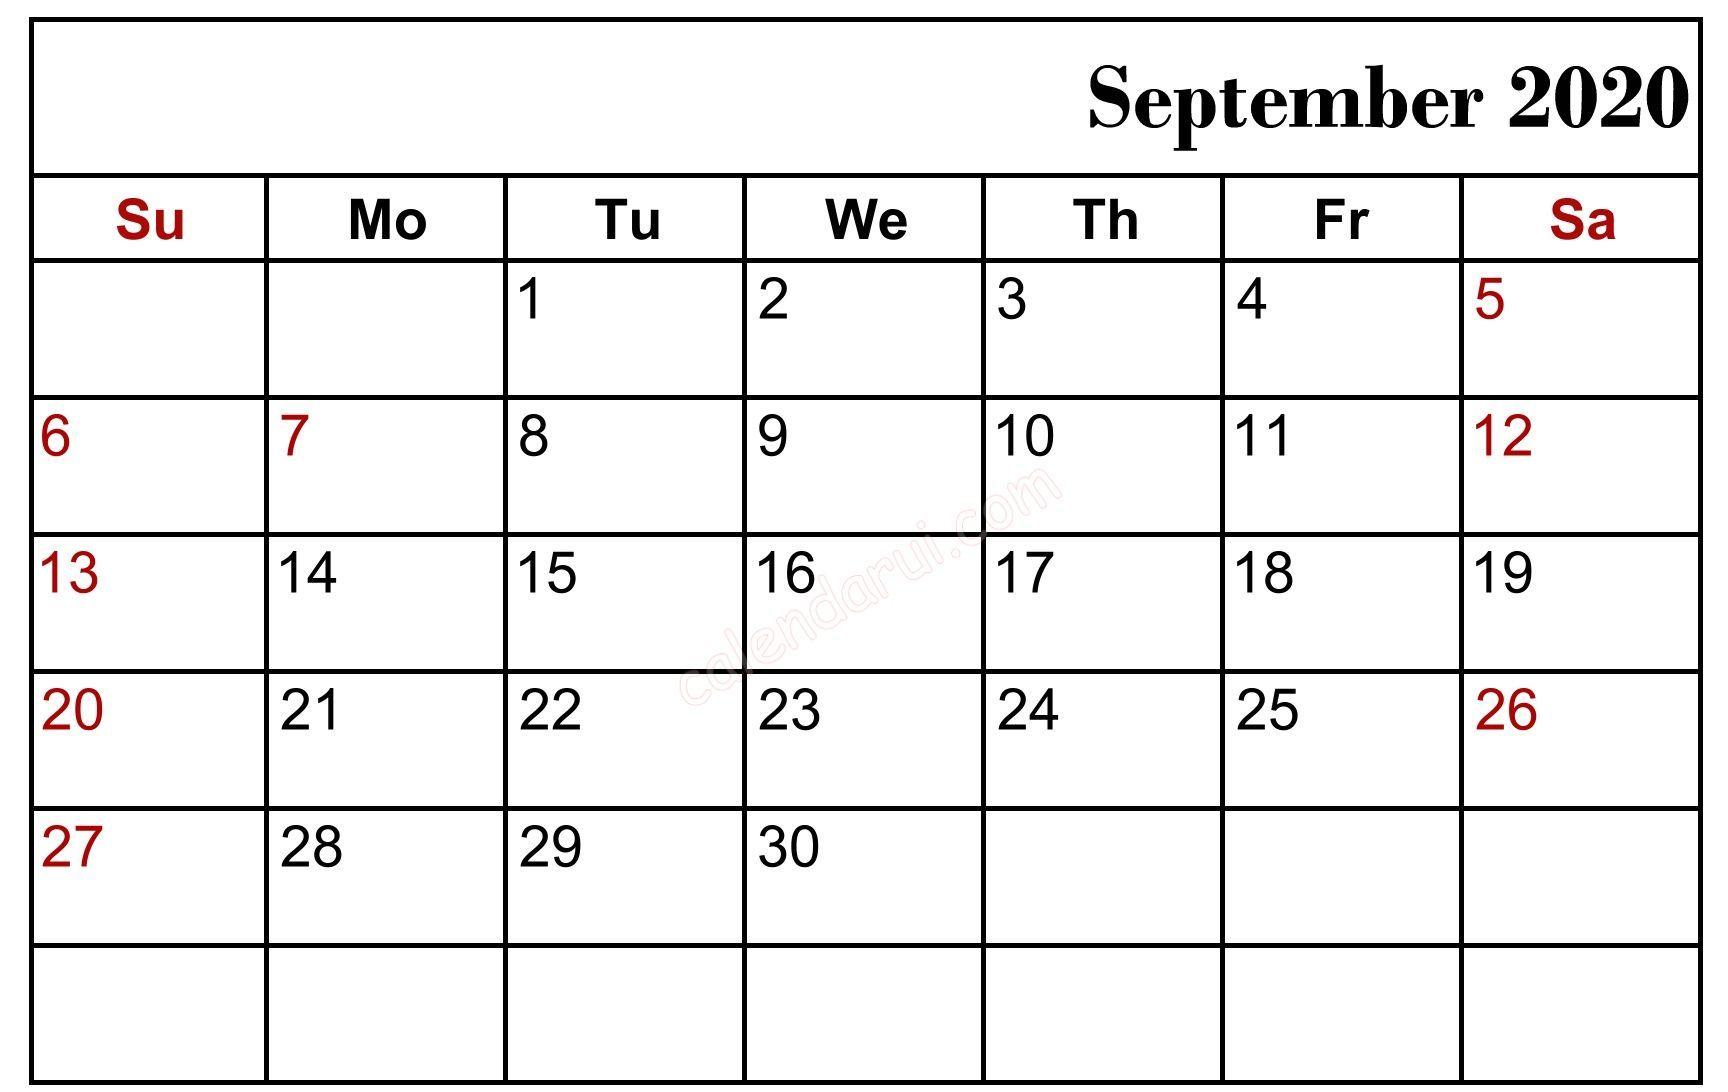 September 2020 Blank Calendar